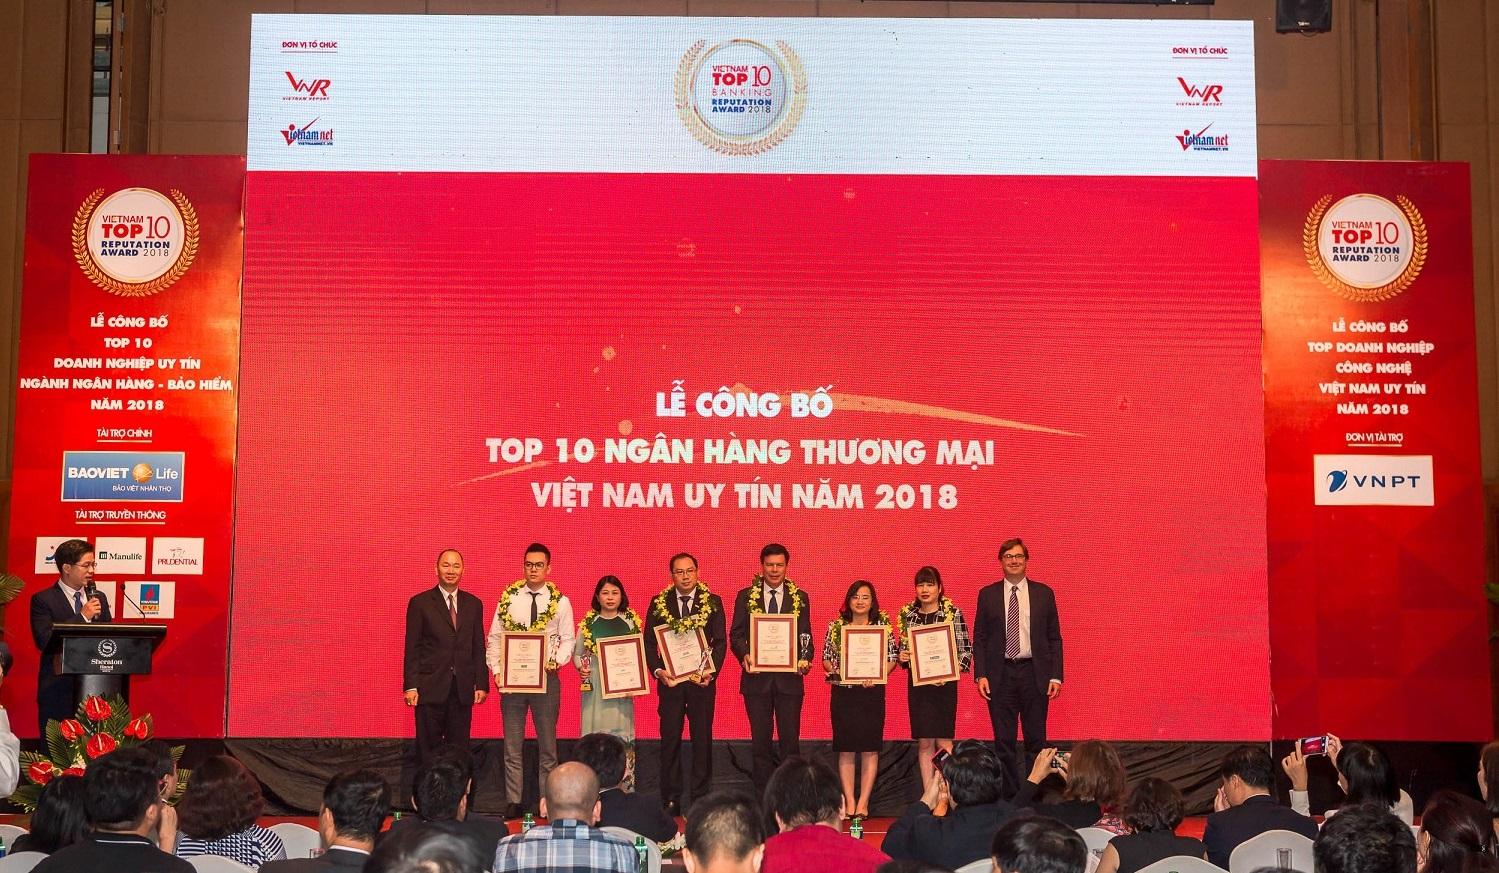 3 năm liên tiếp, SHB khẳng định vị thế vững chắc trong top 10 ngân hàng Việt Nam uy tín